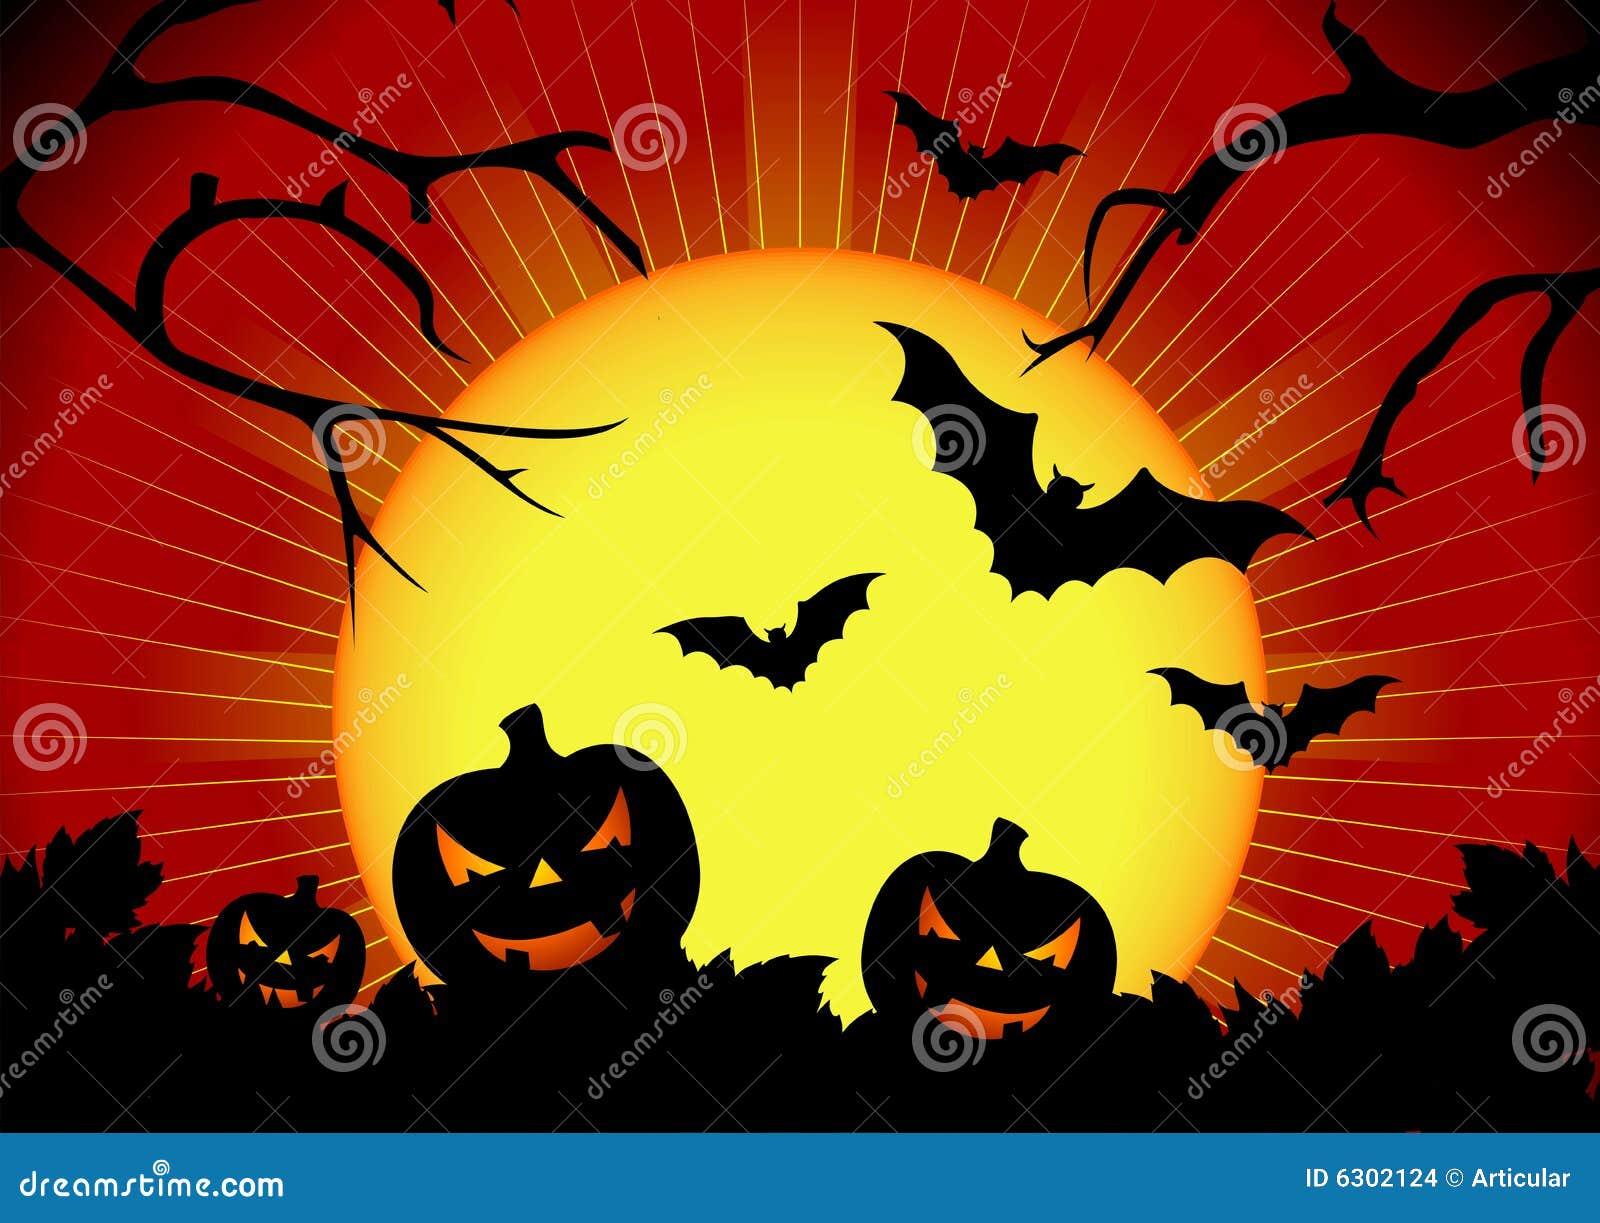 vector illustration on a halloween theme stock vector illustration